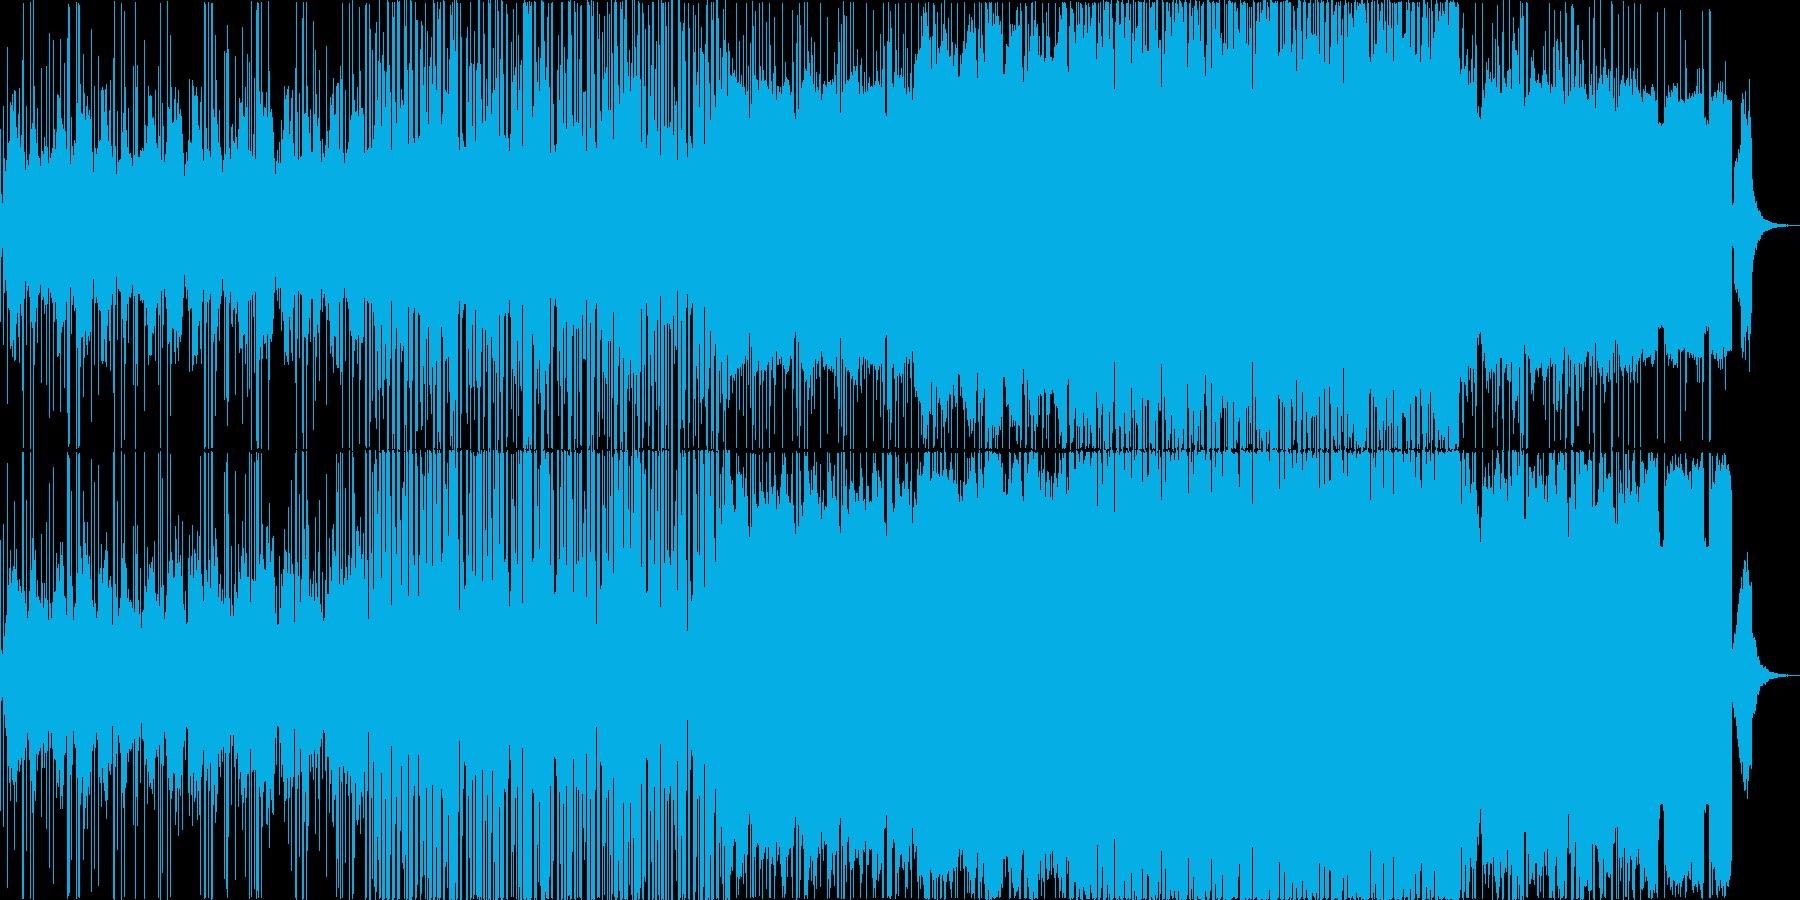 ストリングスが凄く美しいアンビエント曲!の再生済みの波形